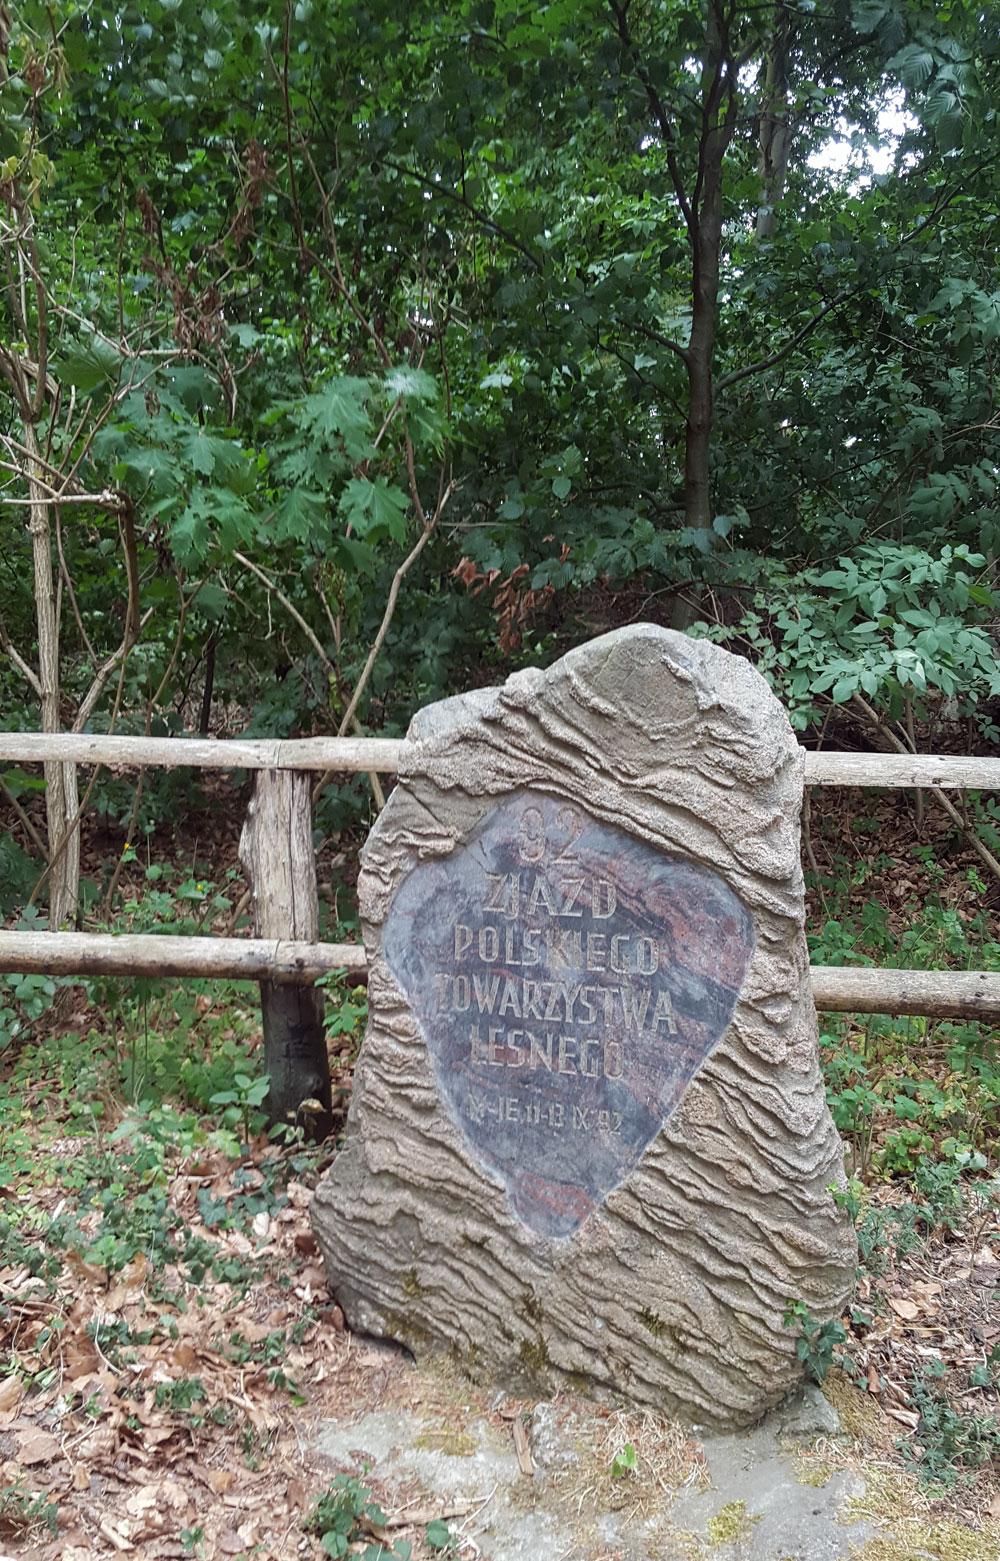 Älterer Gedenkstein der von polnischen Förstern aus der Ostsee geborgen wurde